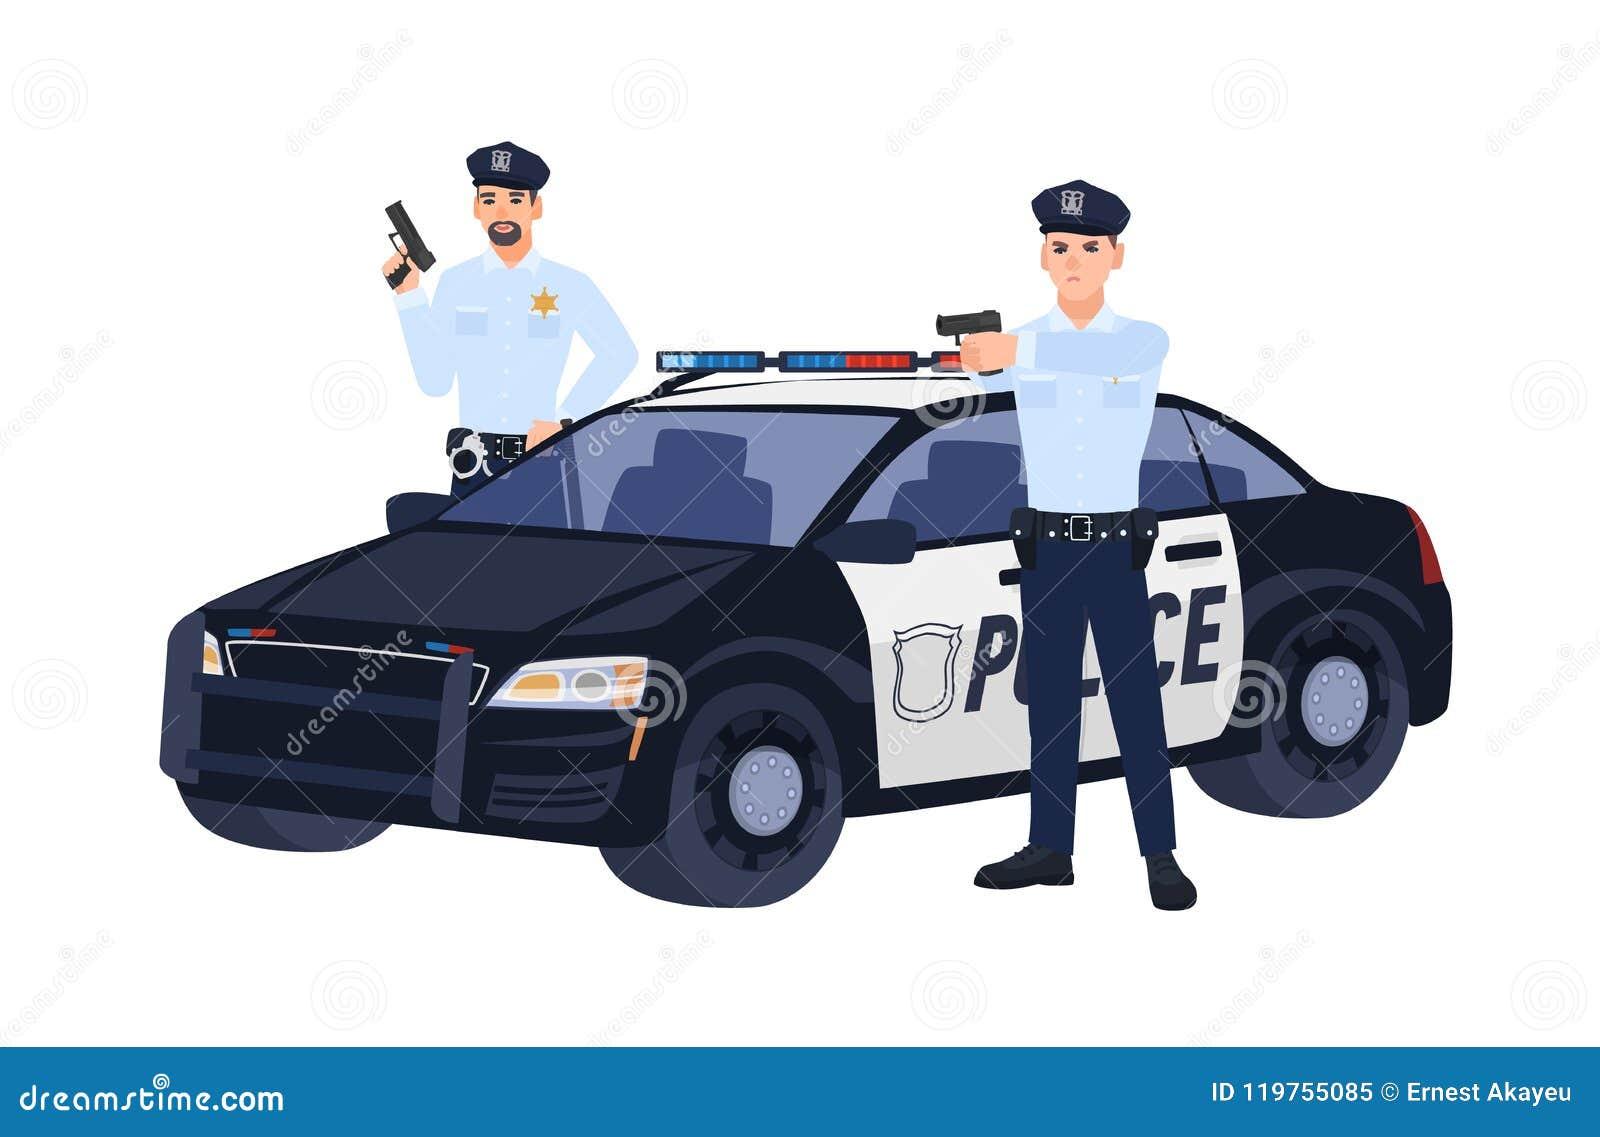 两个警察或警察站立近的汽车,拿着枪和瞄准他们的制服的某人 警察行动 平面